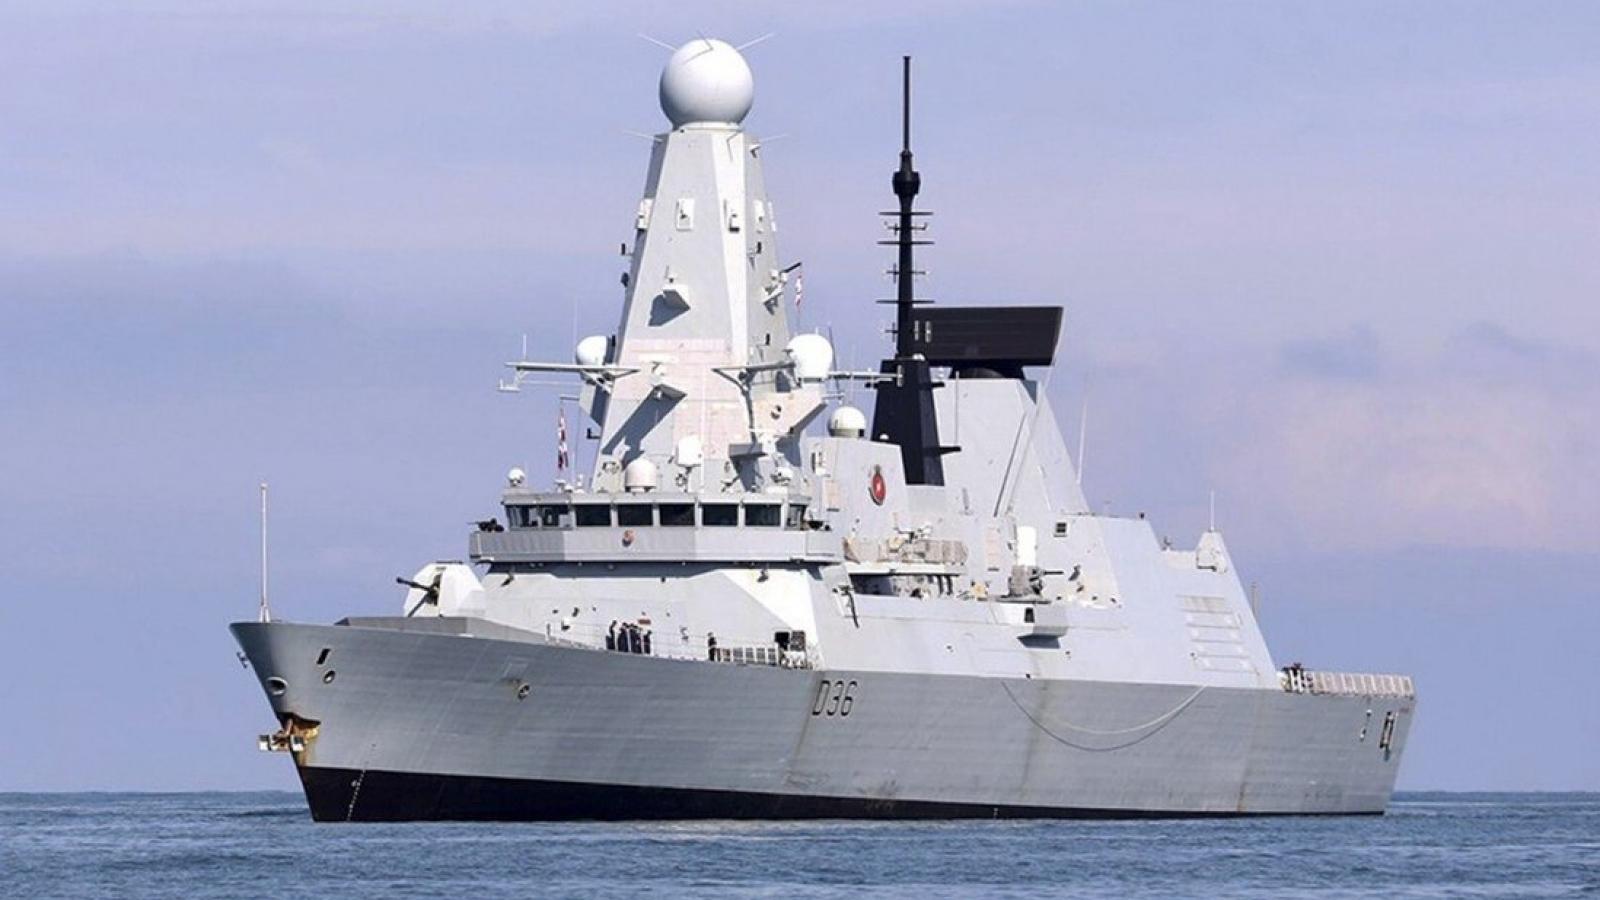 """Nga cảnh báo Anh chớ điều tàu đến gần Crimea nếu không muốn """"thủy thủ bị thương"""""""